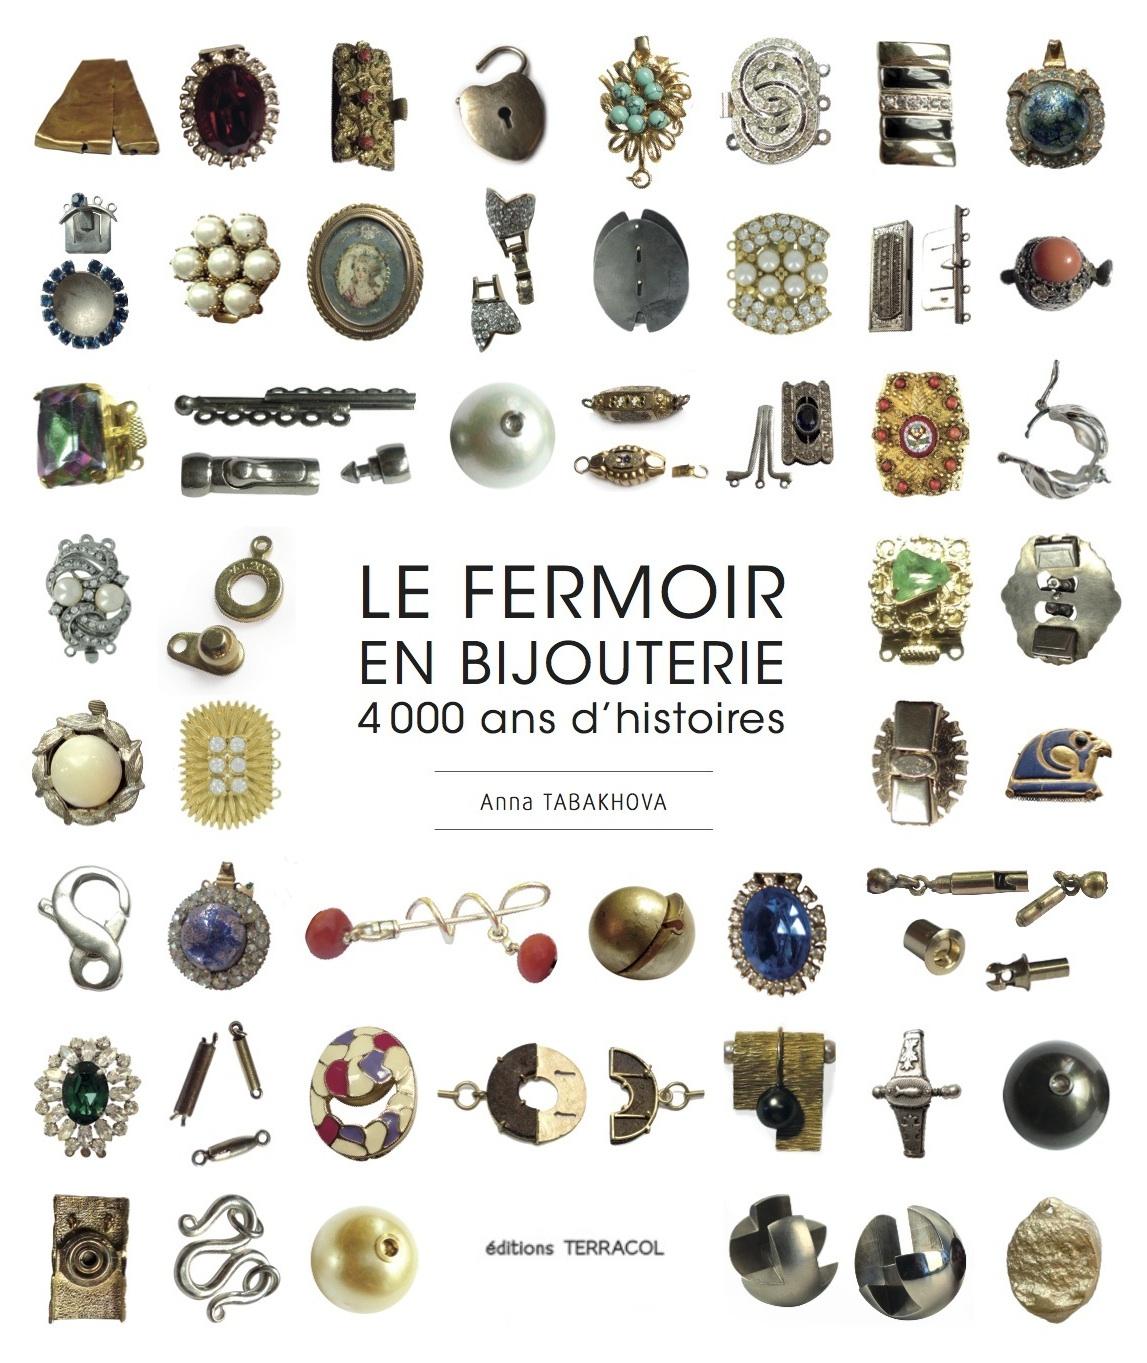 Le fermoir en bijouterie, 4000 ans d'histoires par anna tabakhova, éditions Terracol